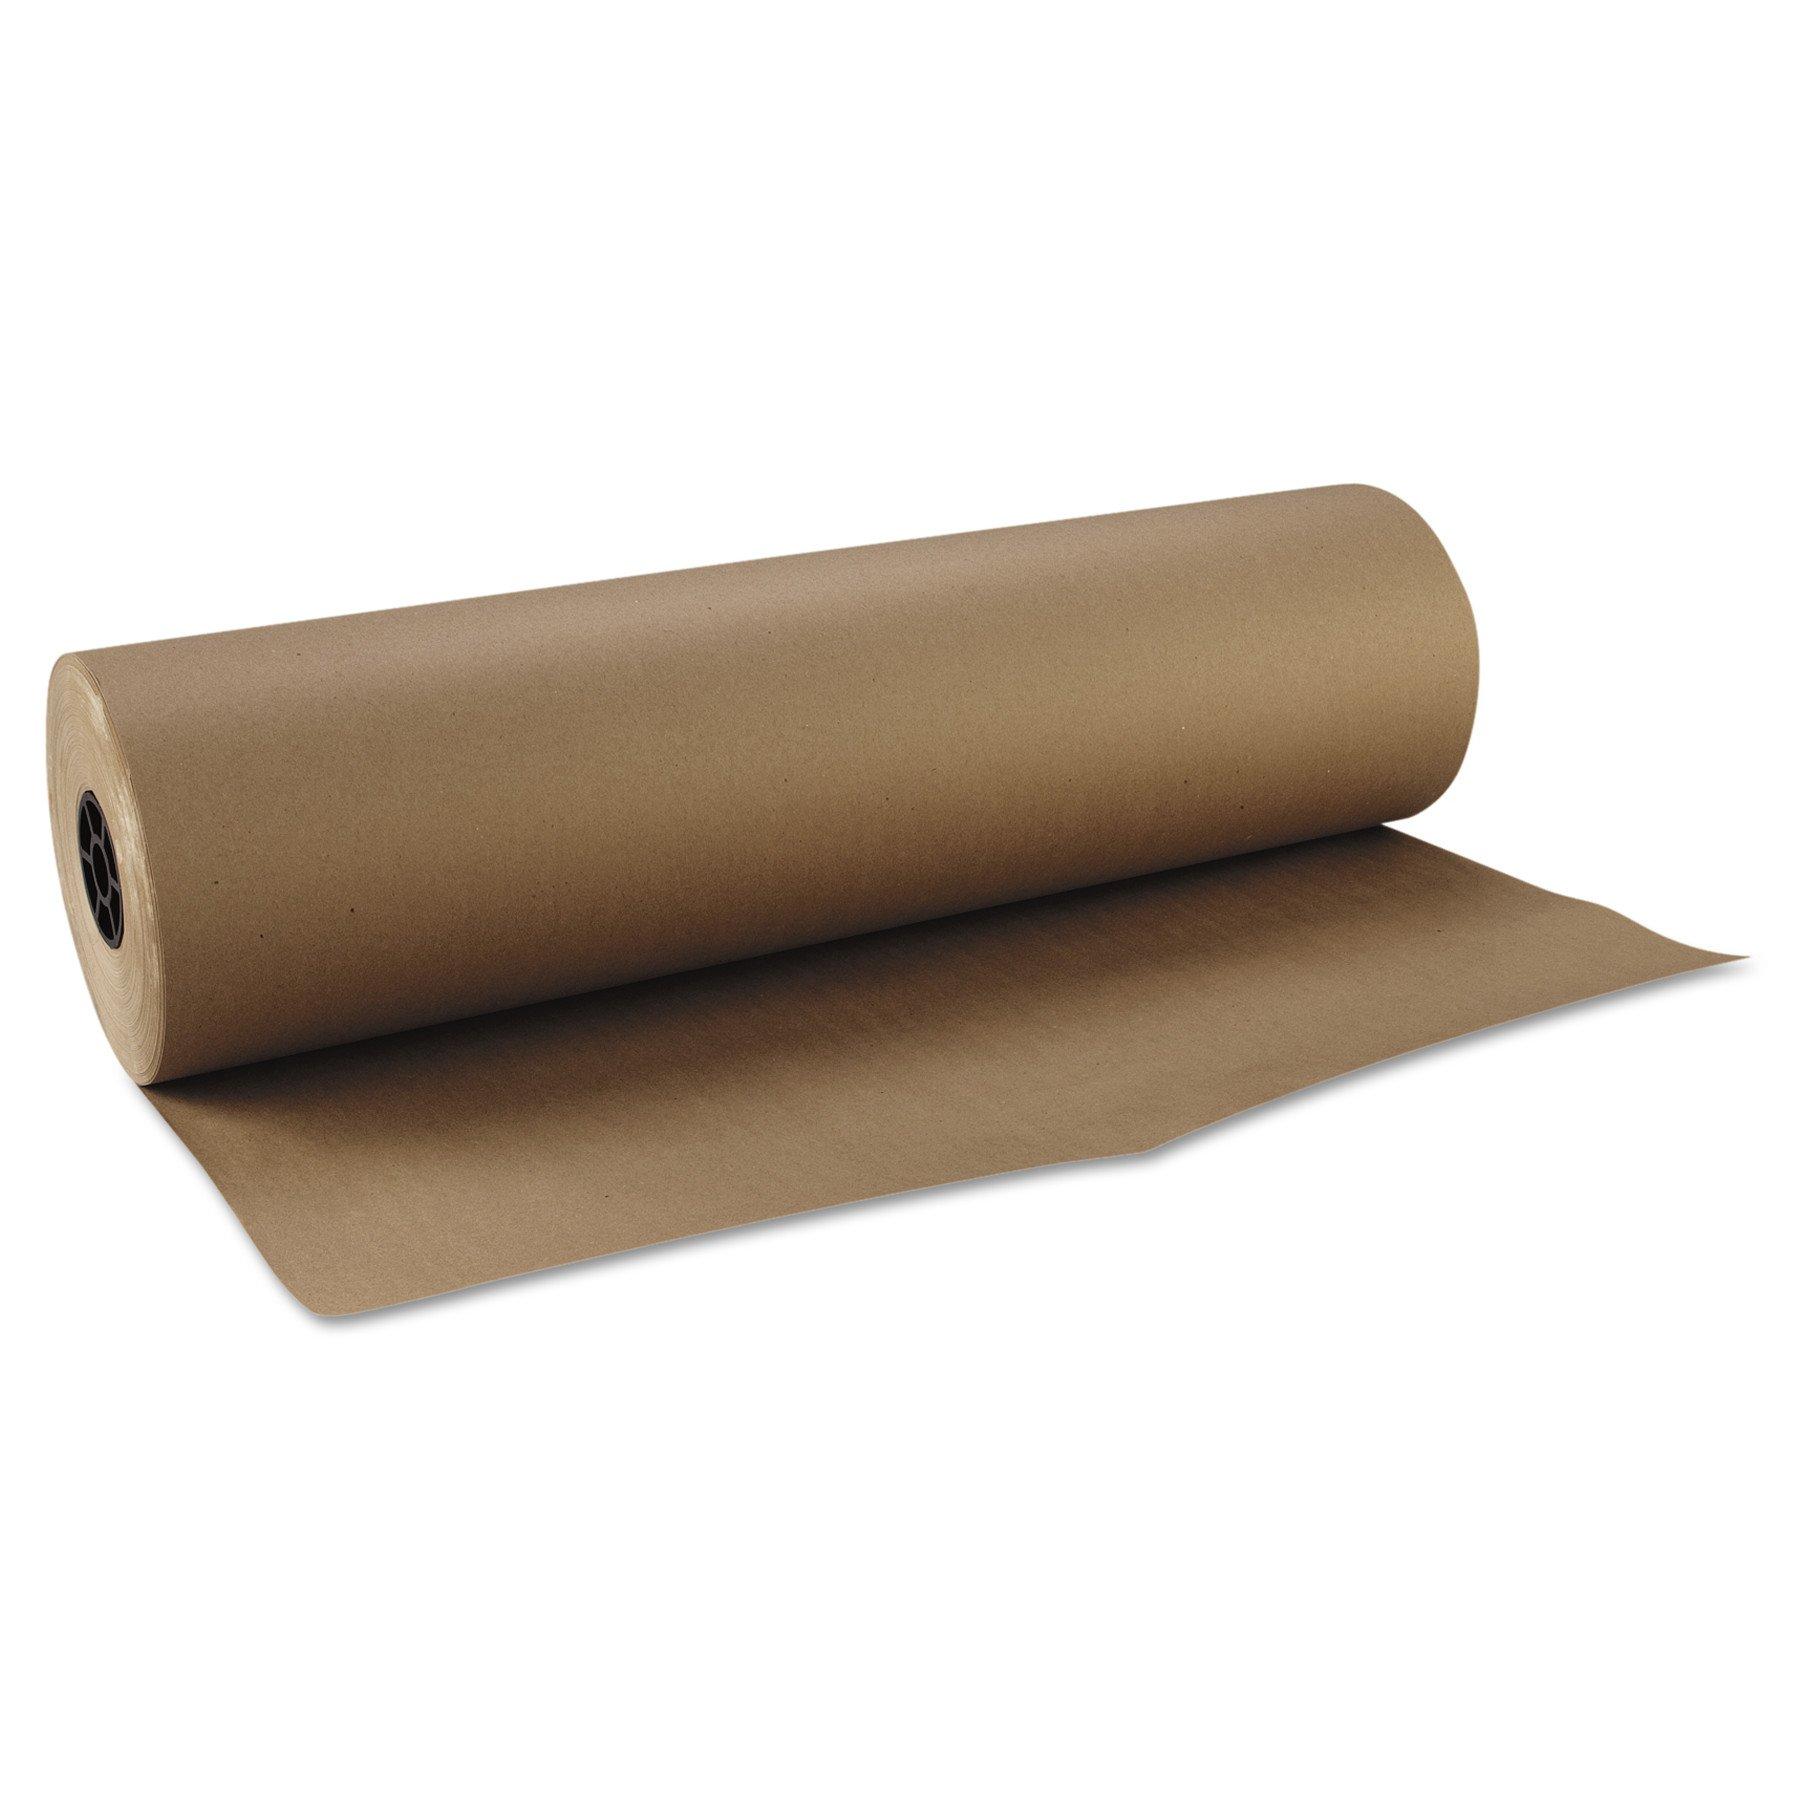 Boardwalk K3040765 Kraft Paper, 30 in x 765 ft, Brown by Boardwalk (Image #1)